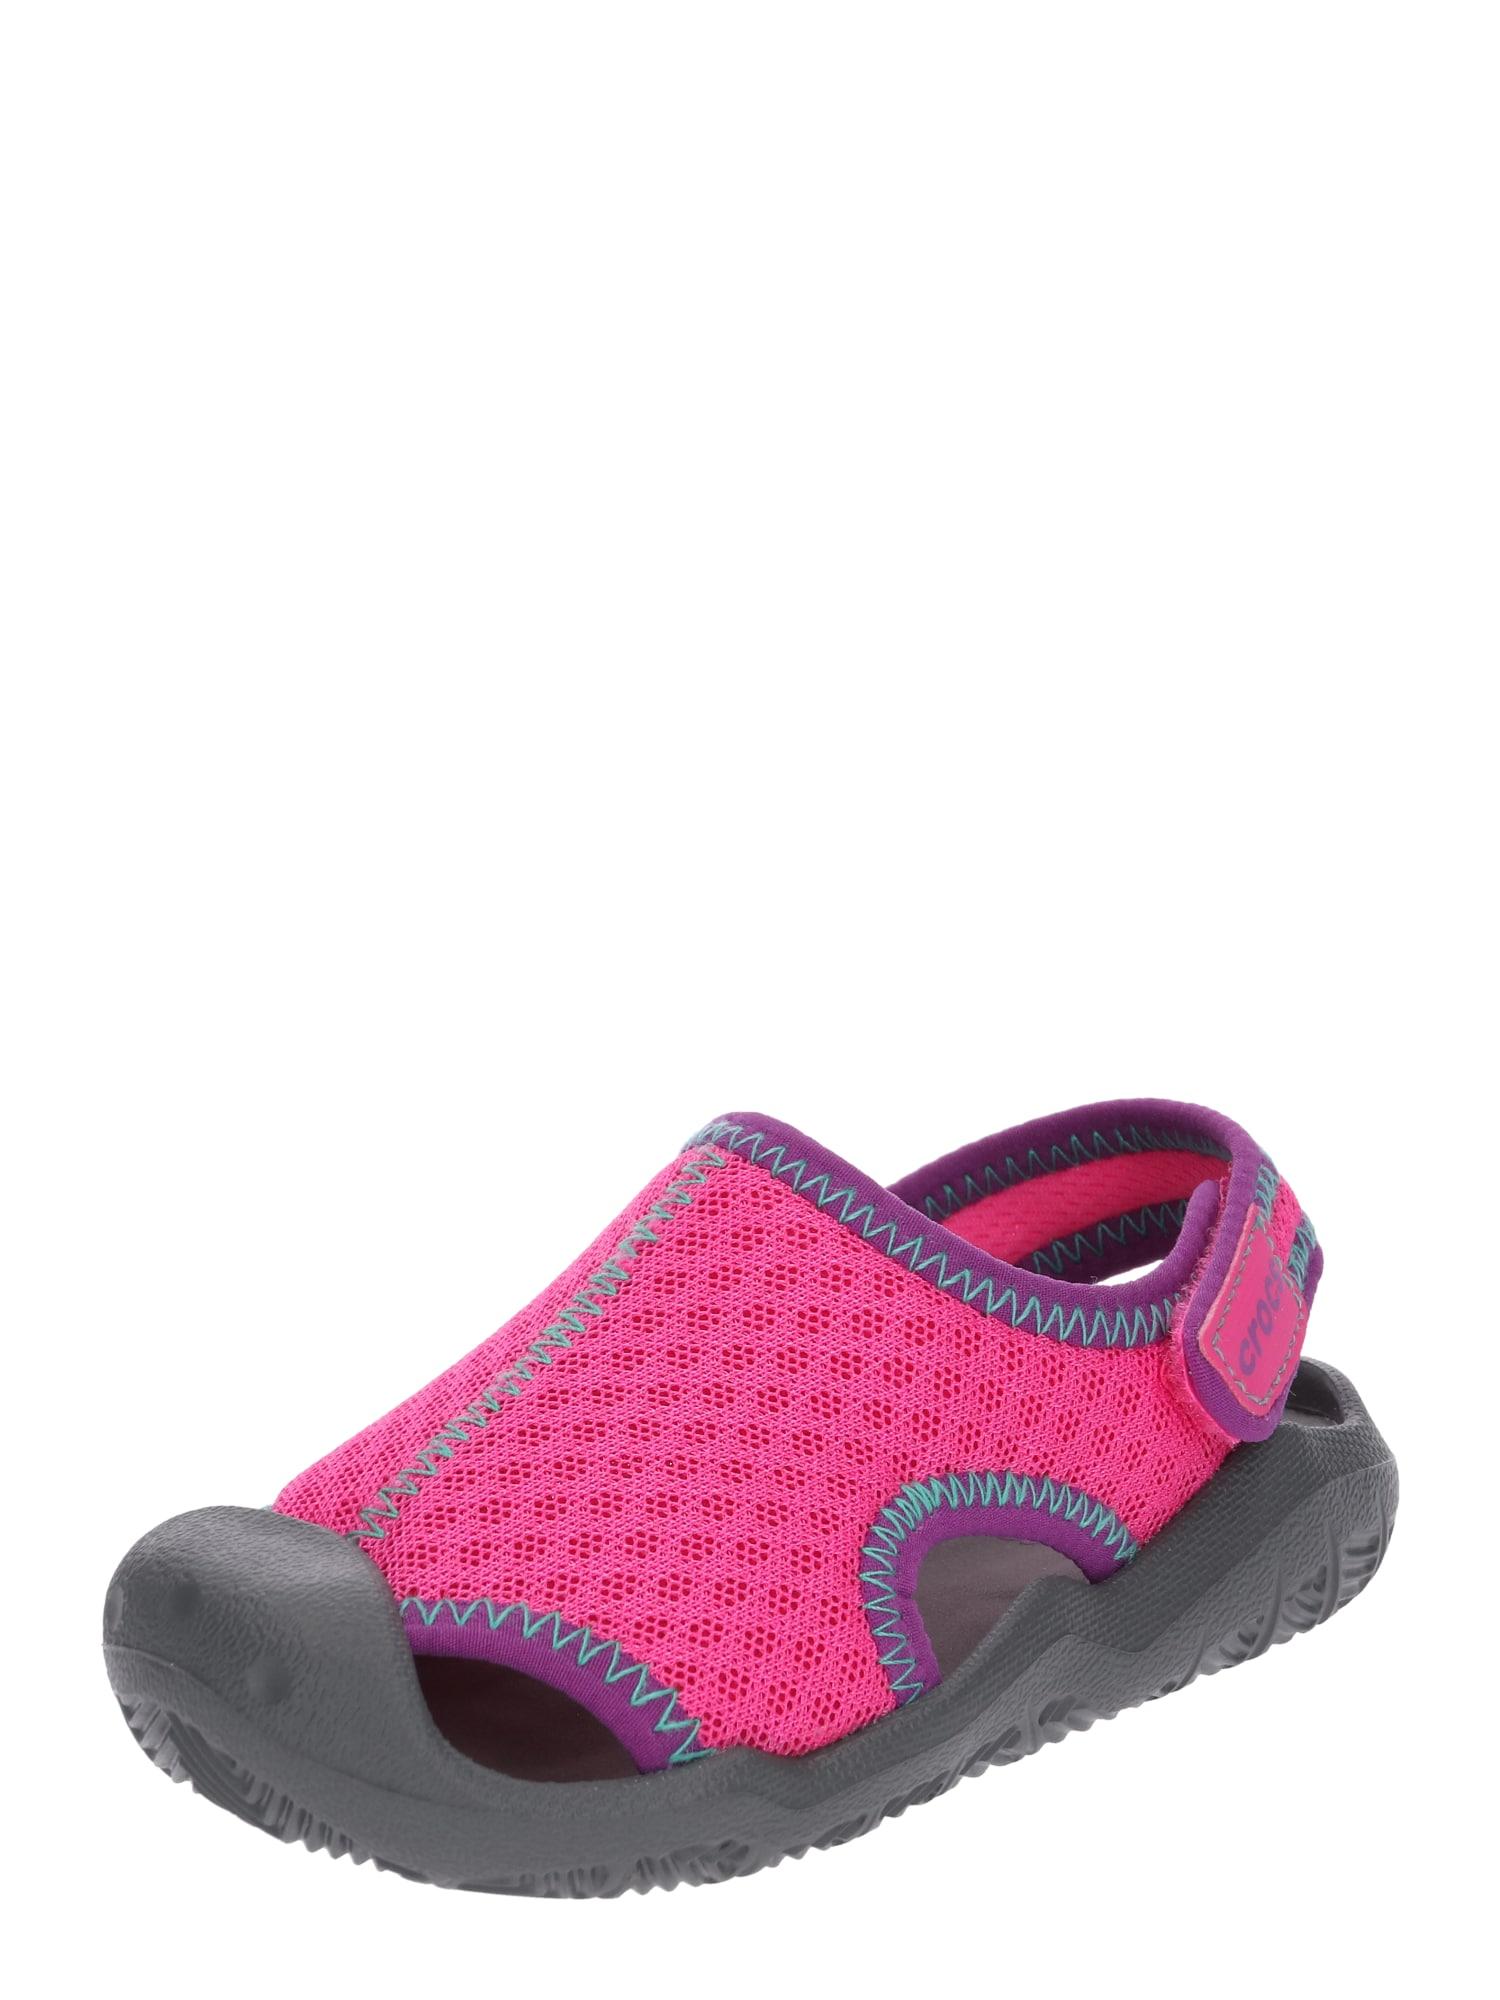 Otevřená obuv Swiftwater magenta Crocs